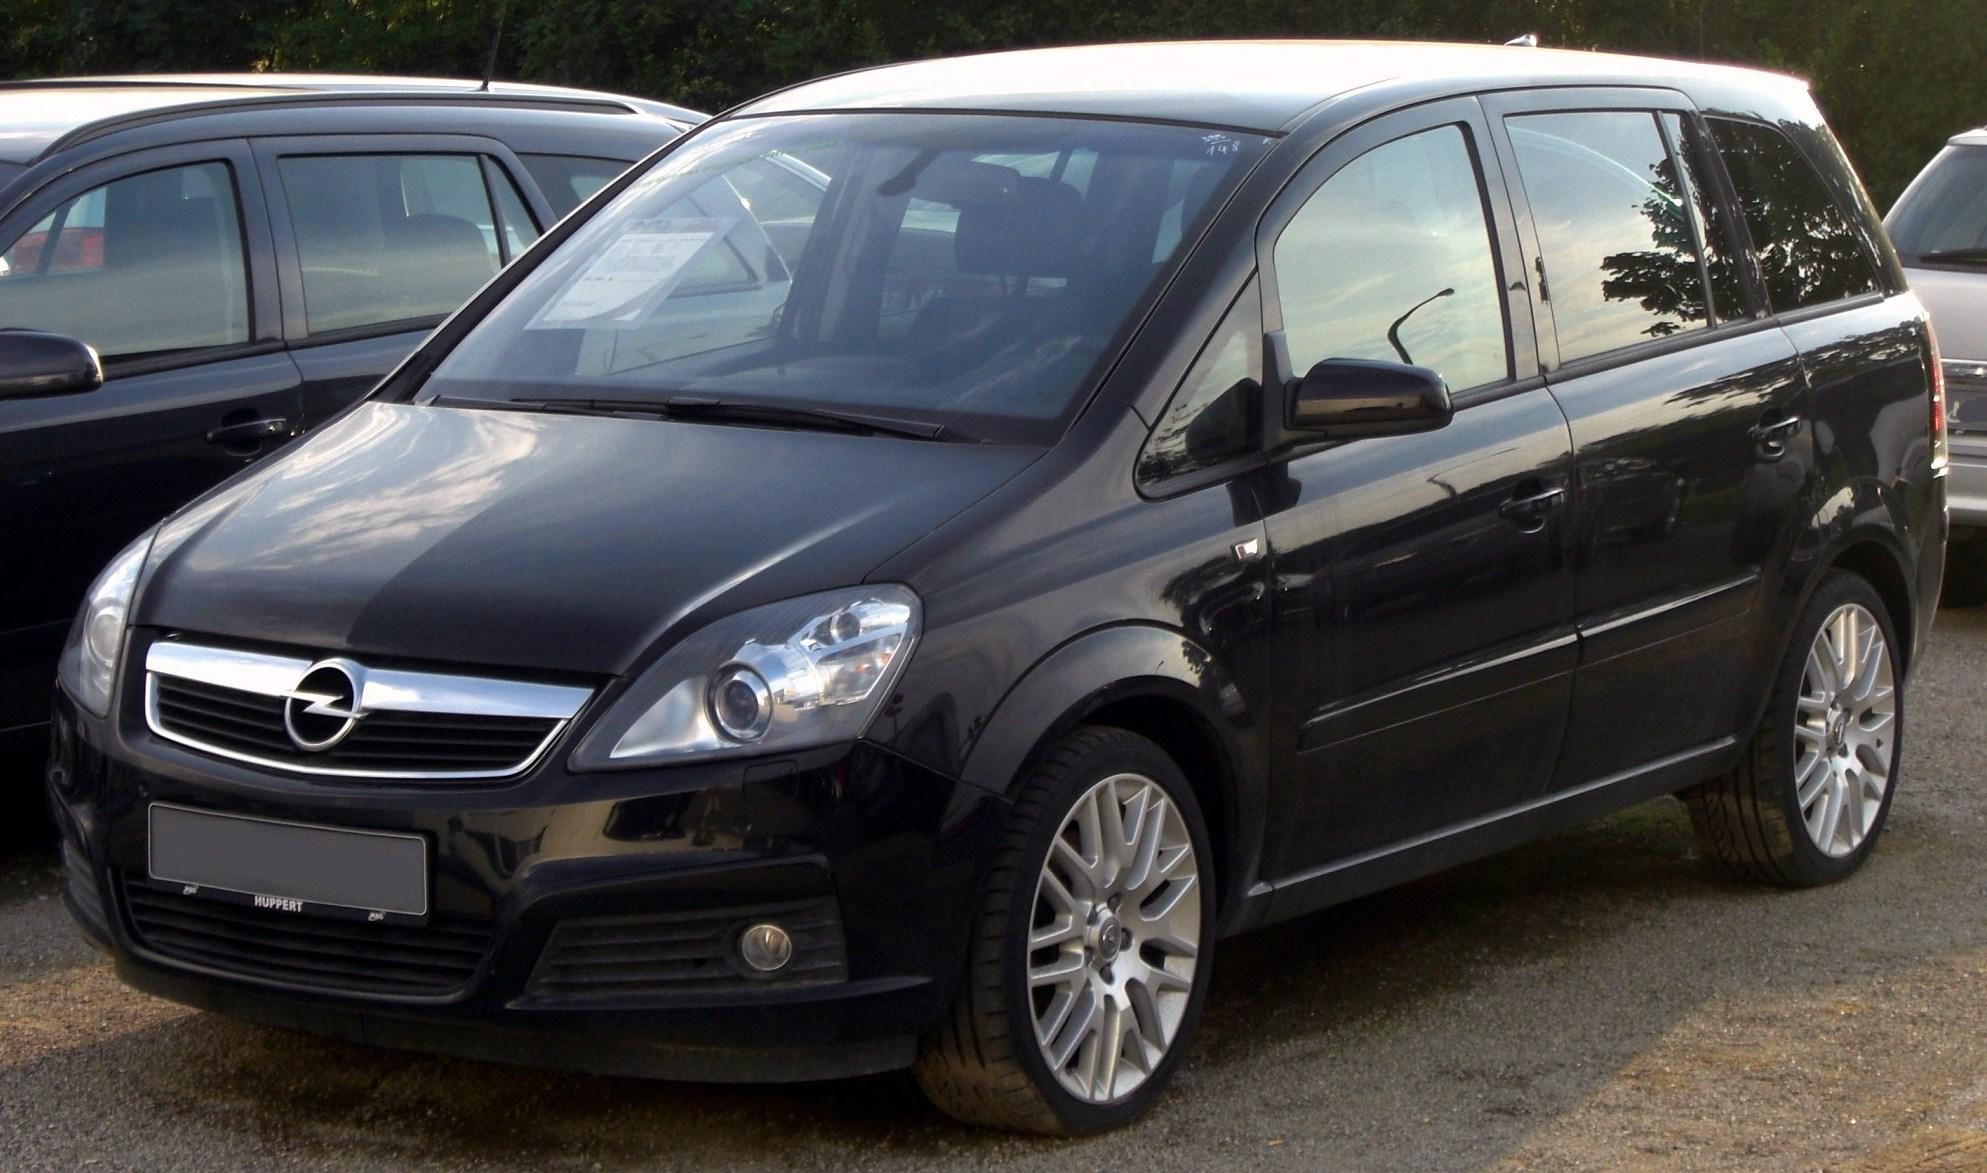 Opel Zafira OPC B 2005 - 2010 Compact MPV #1